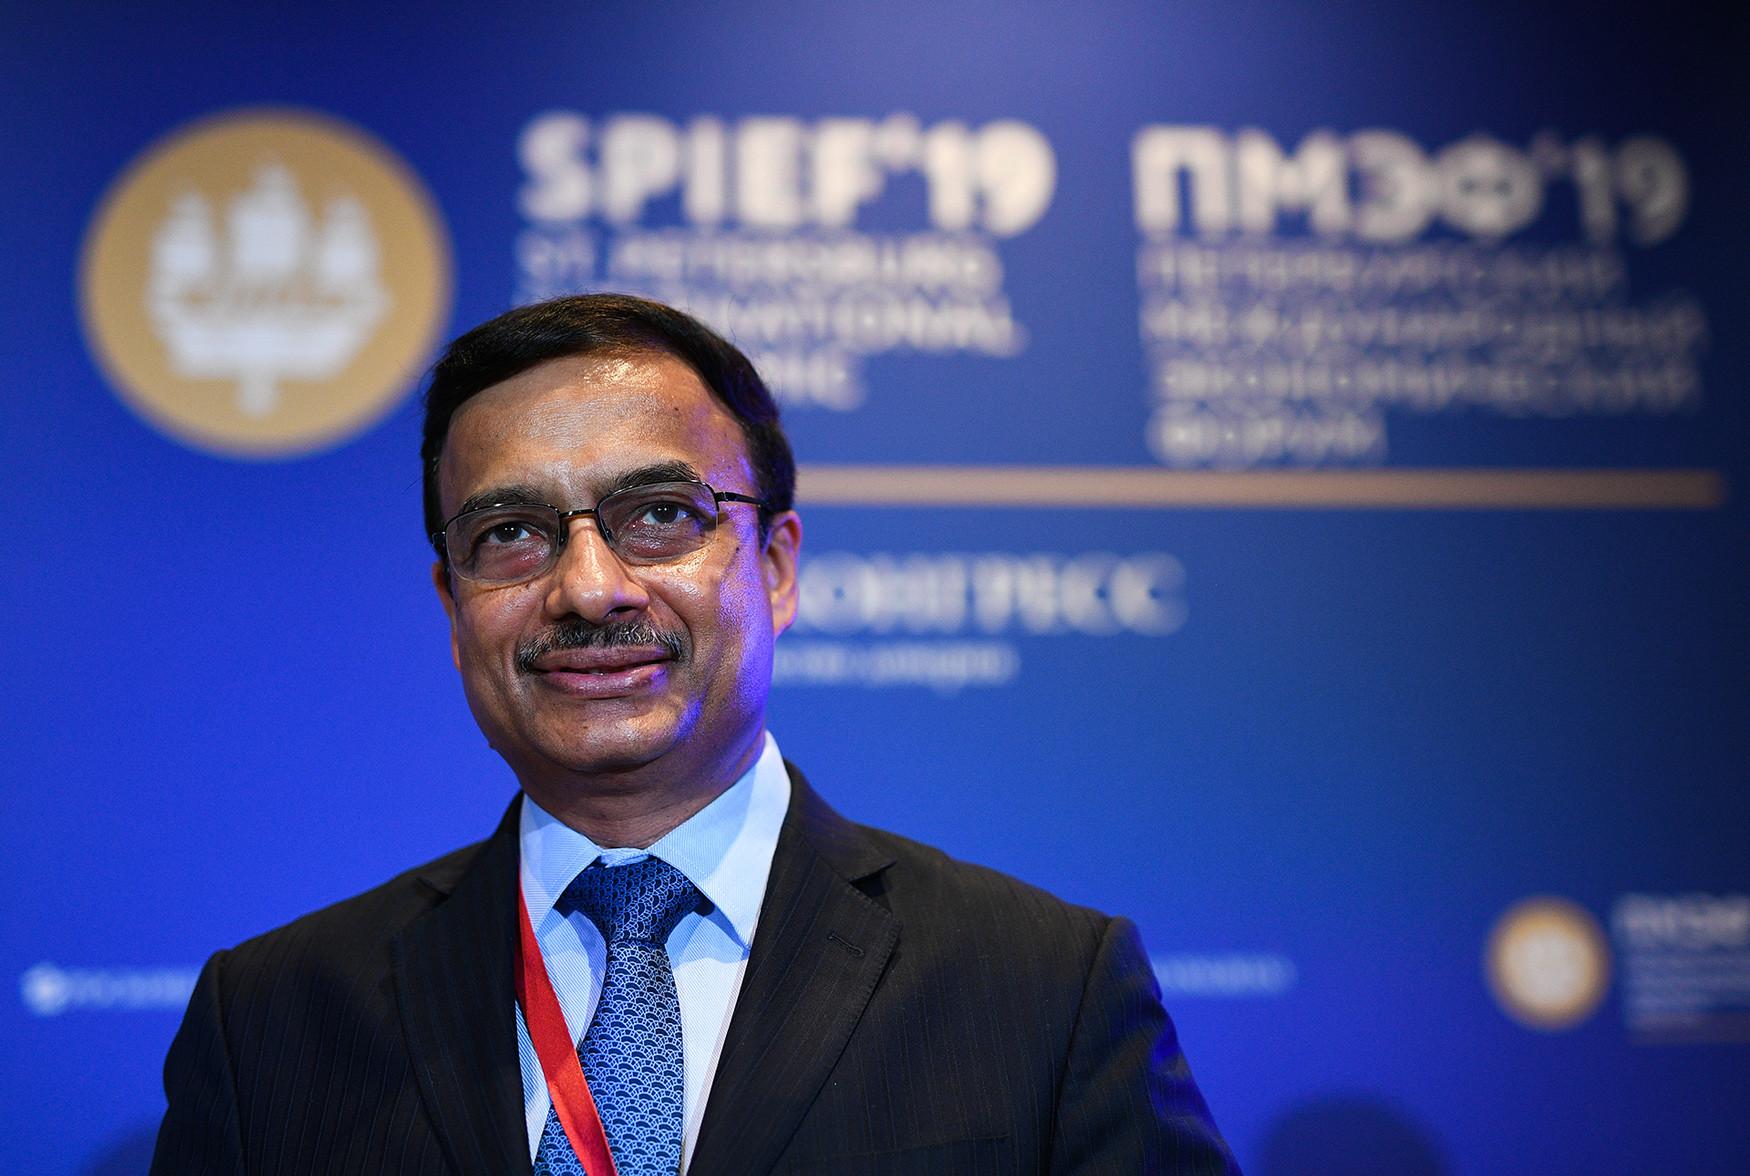 Presidente de Unilever en Rusia, Ucrania y Bielorrusia, JV Raman